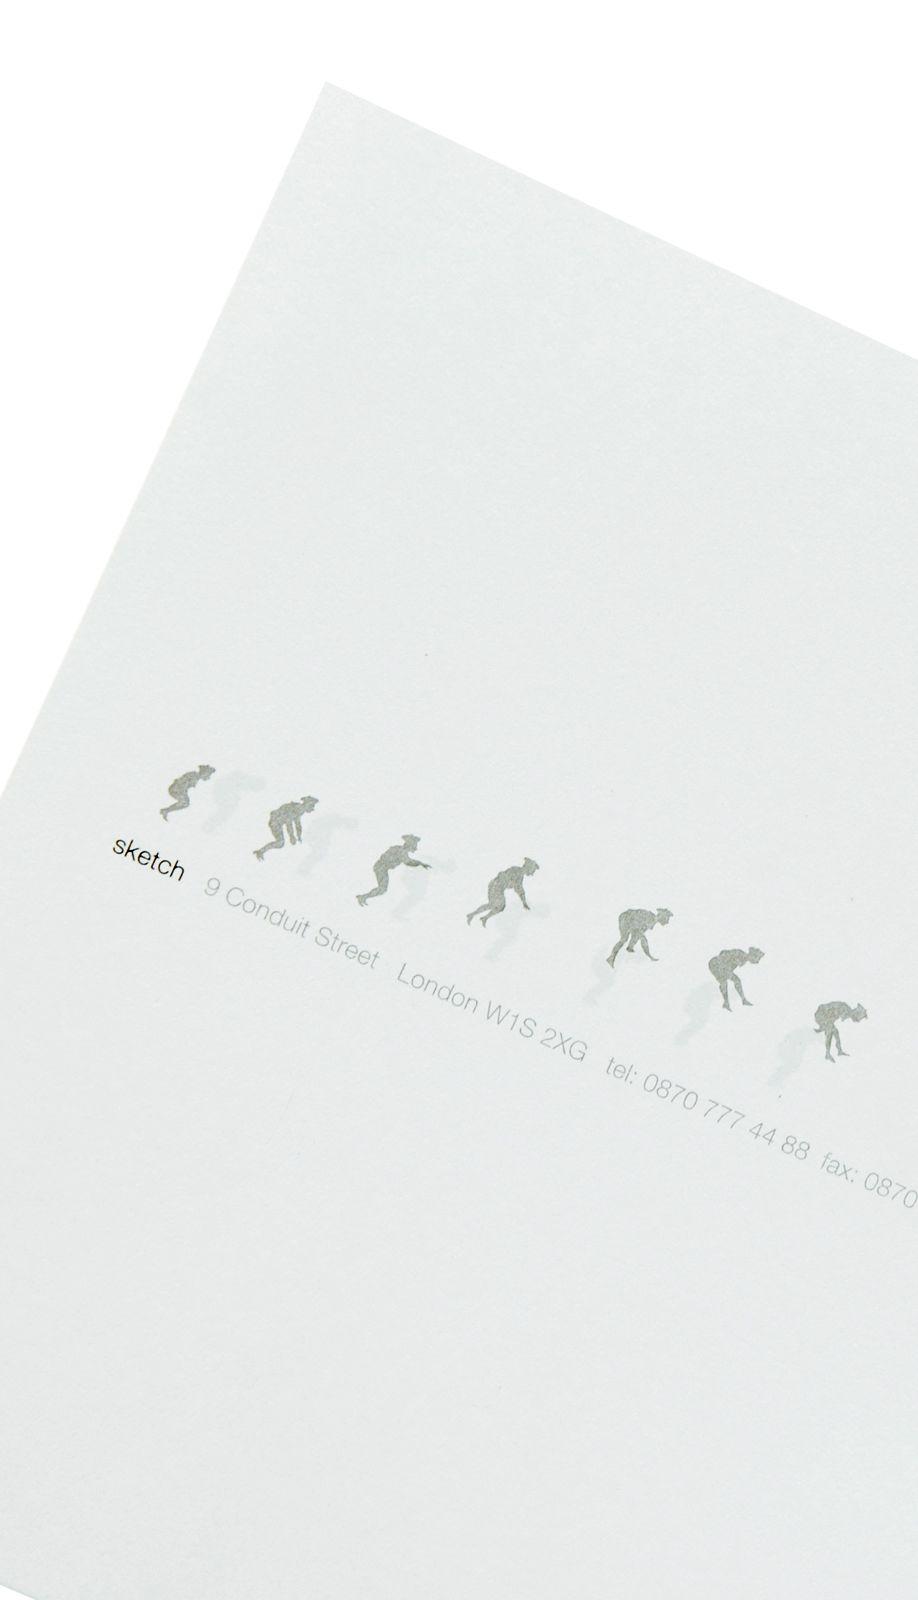 sketch_branding_03_3